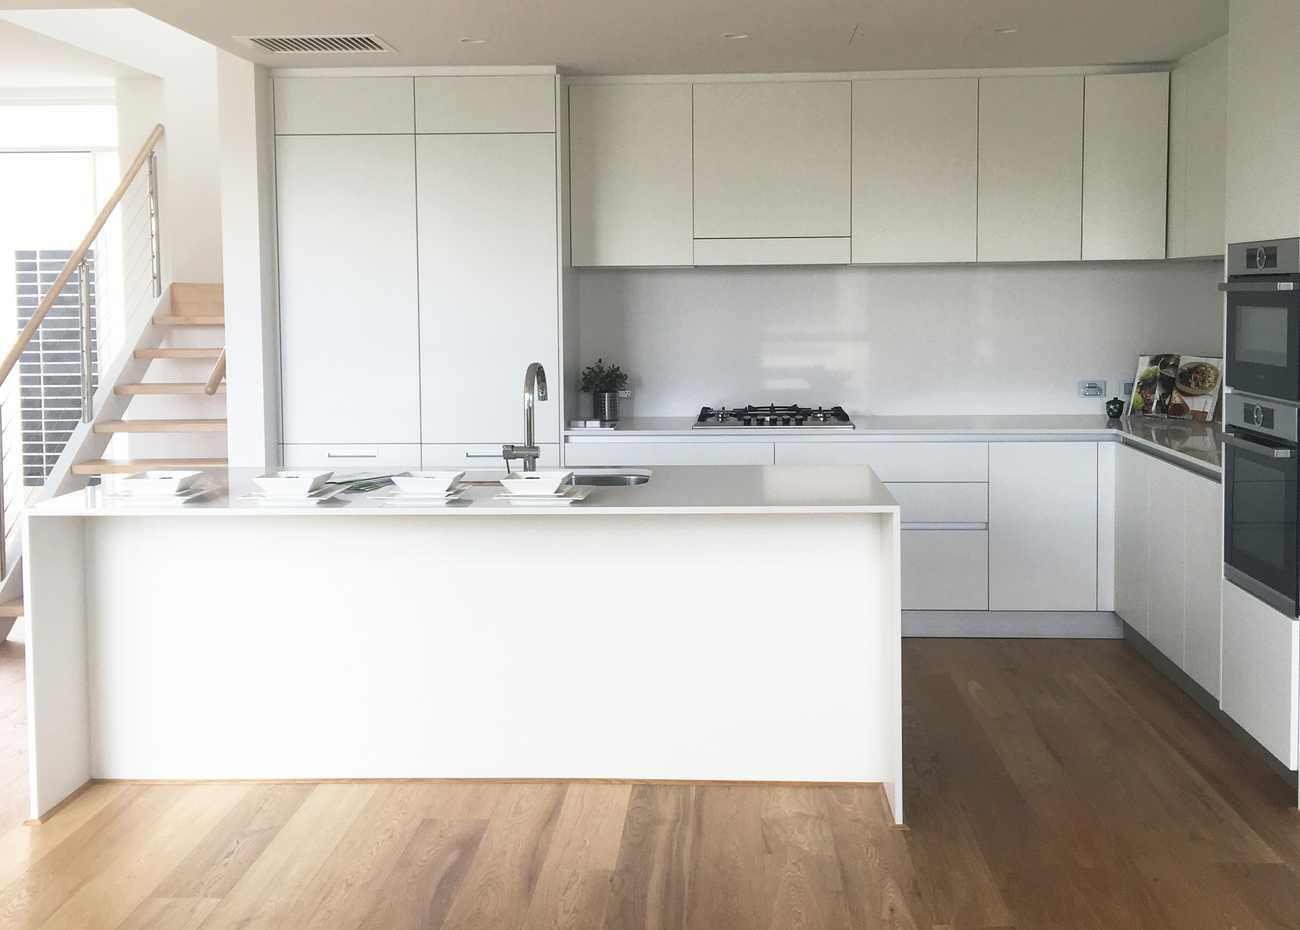 Doimo_Easy_Kitchen_Matt_lacquer